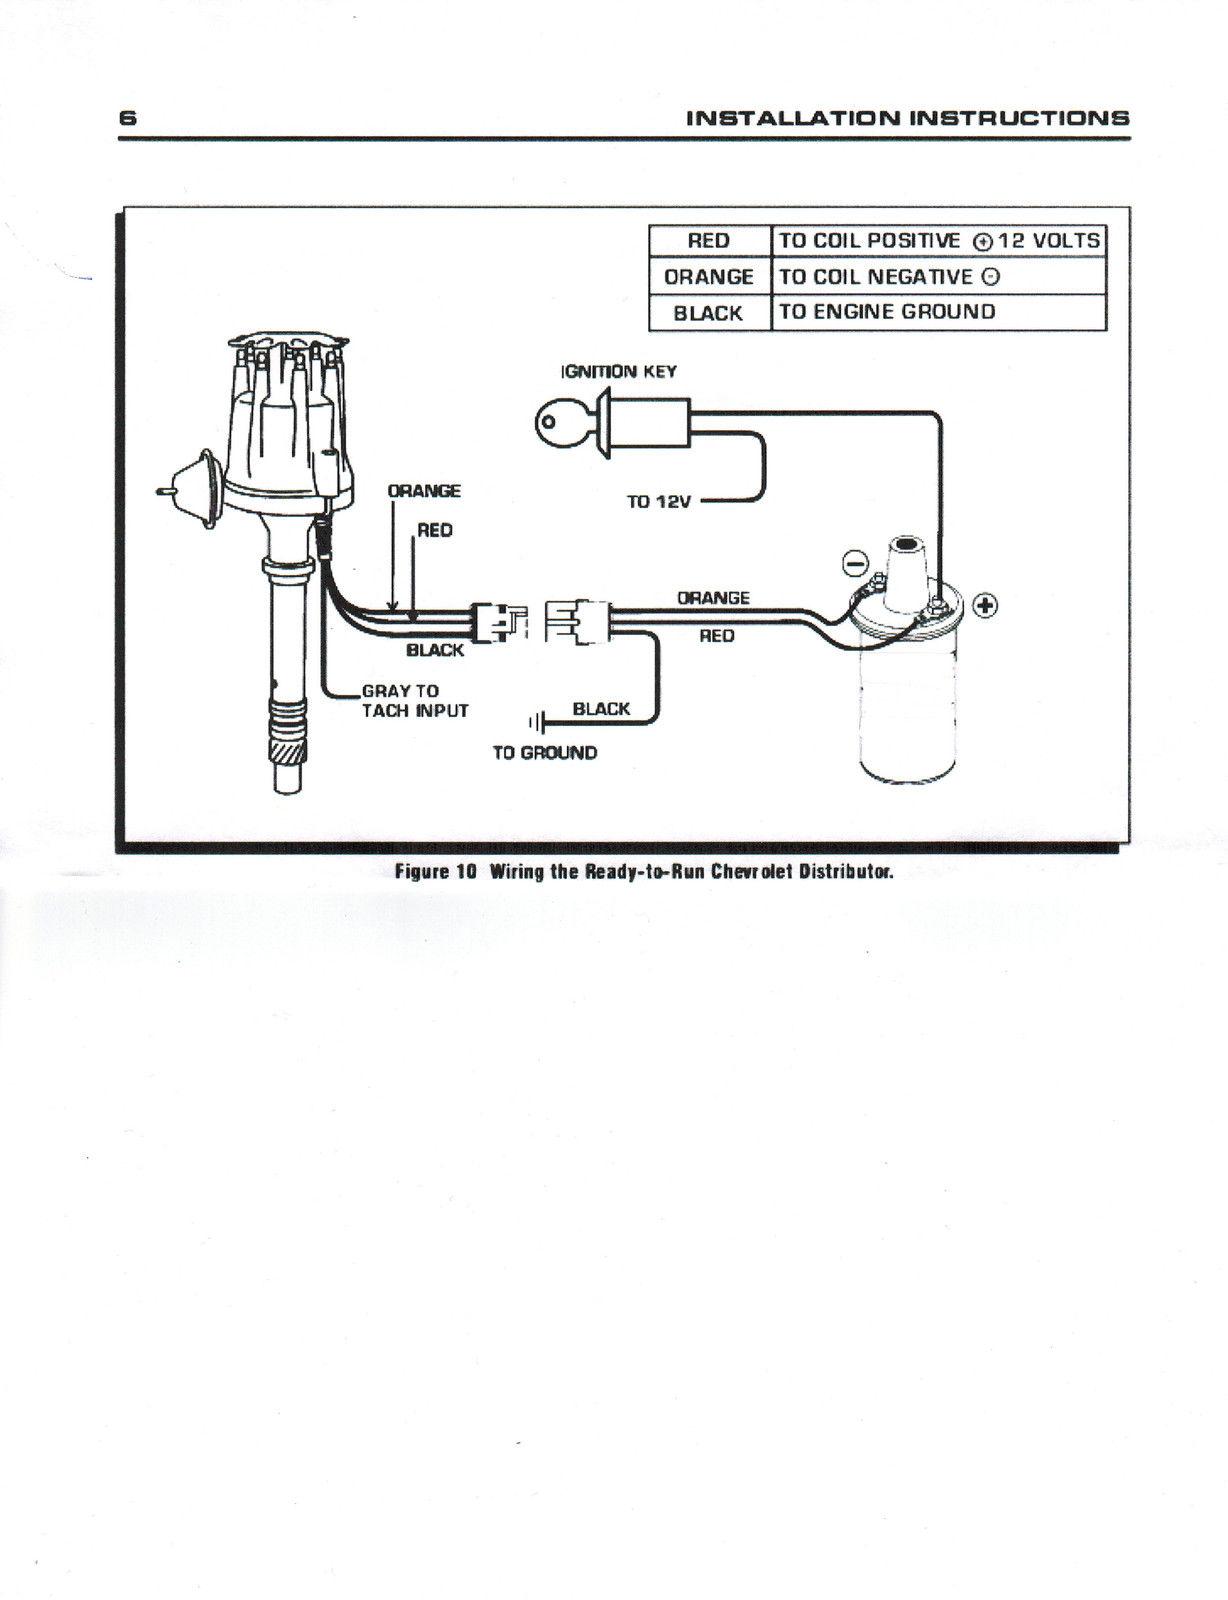 zünd- & glühanlagen black coil small cap chevy inline 6 cylinder 194-235  red hei distributor wires compir  compir